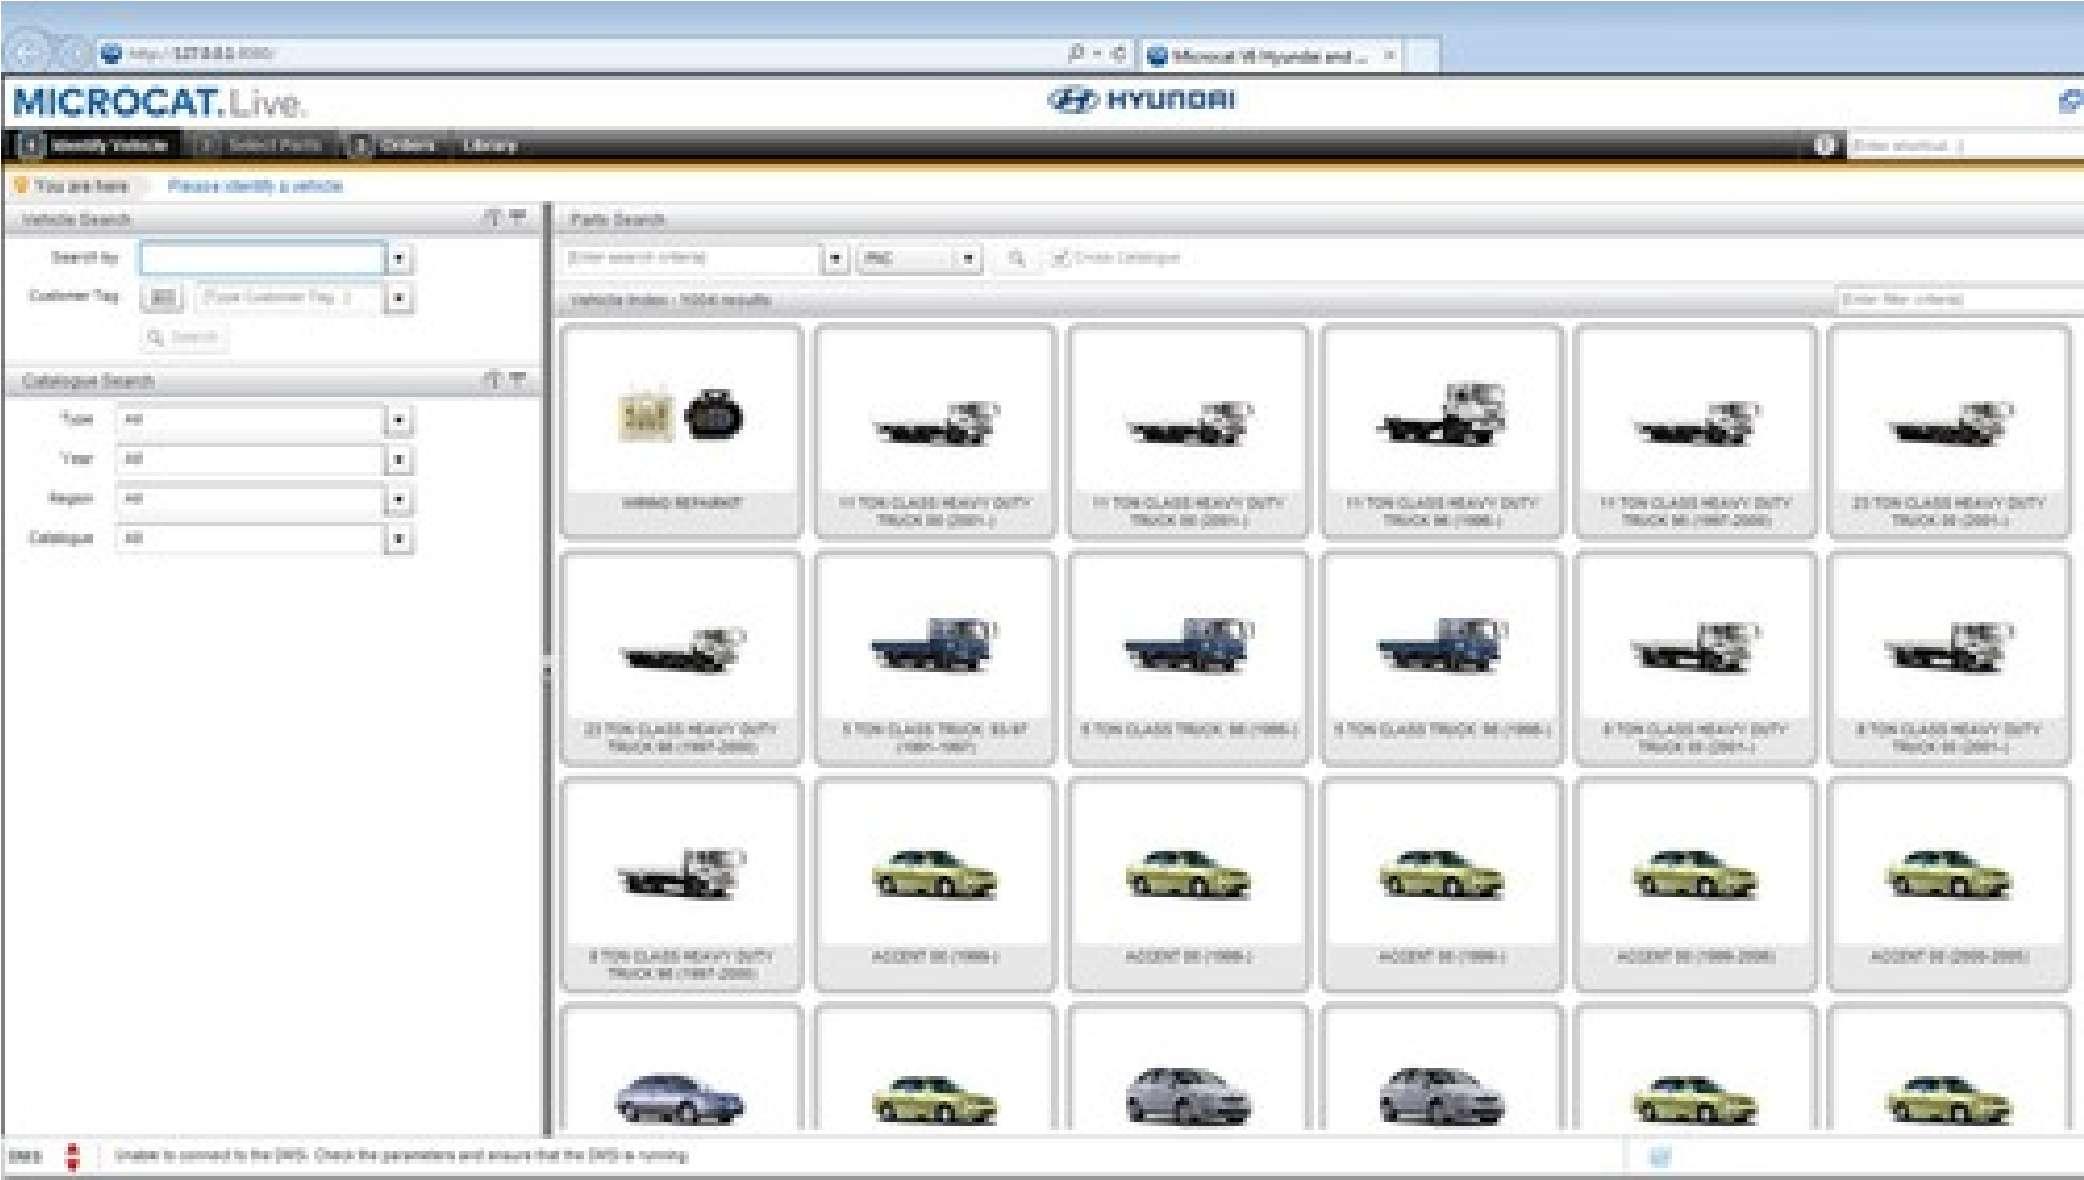 Hyundai MCAT Microcat 12.2020 SS-01